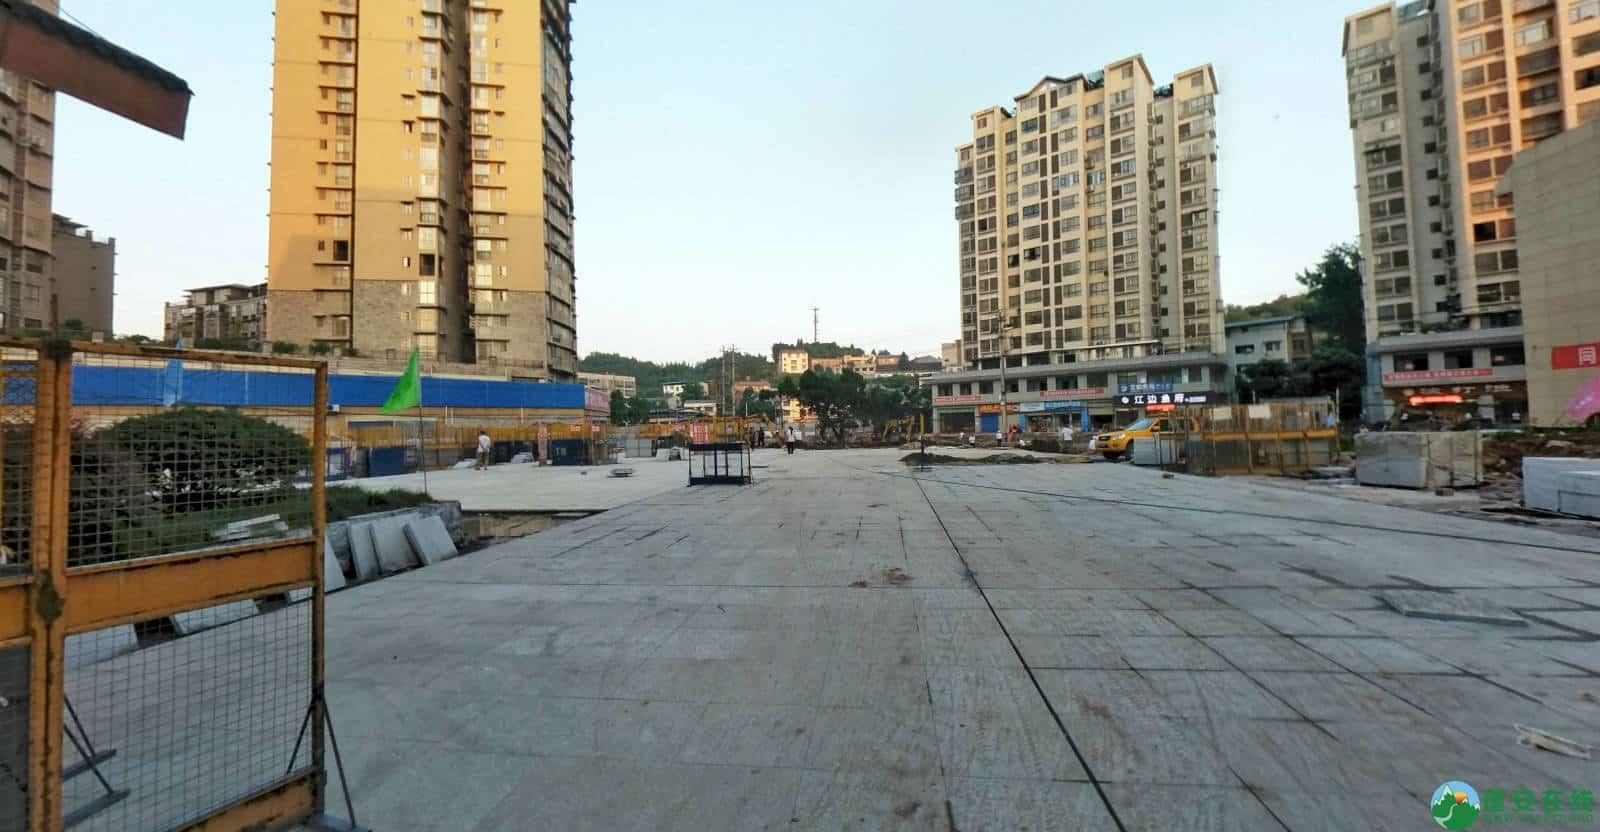 蓬安县嘉陵西路改建工程进展(2019-06-16) - 第8张  | 蓬安在线